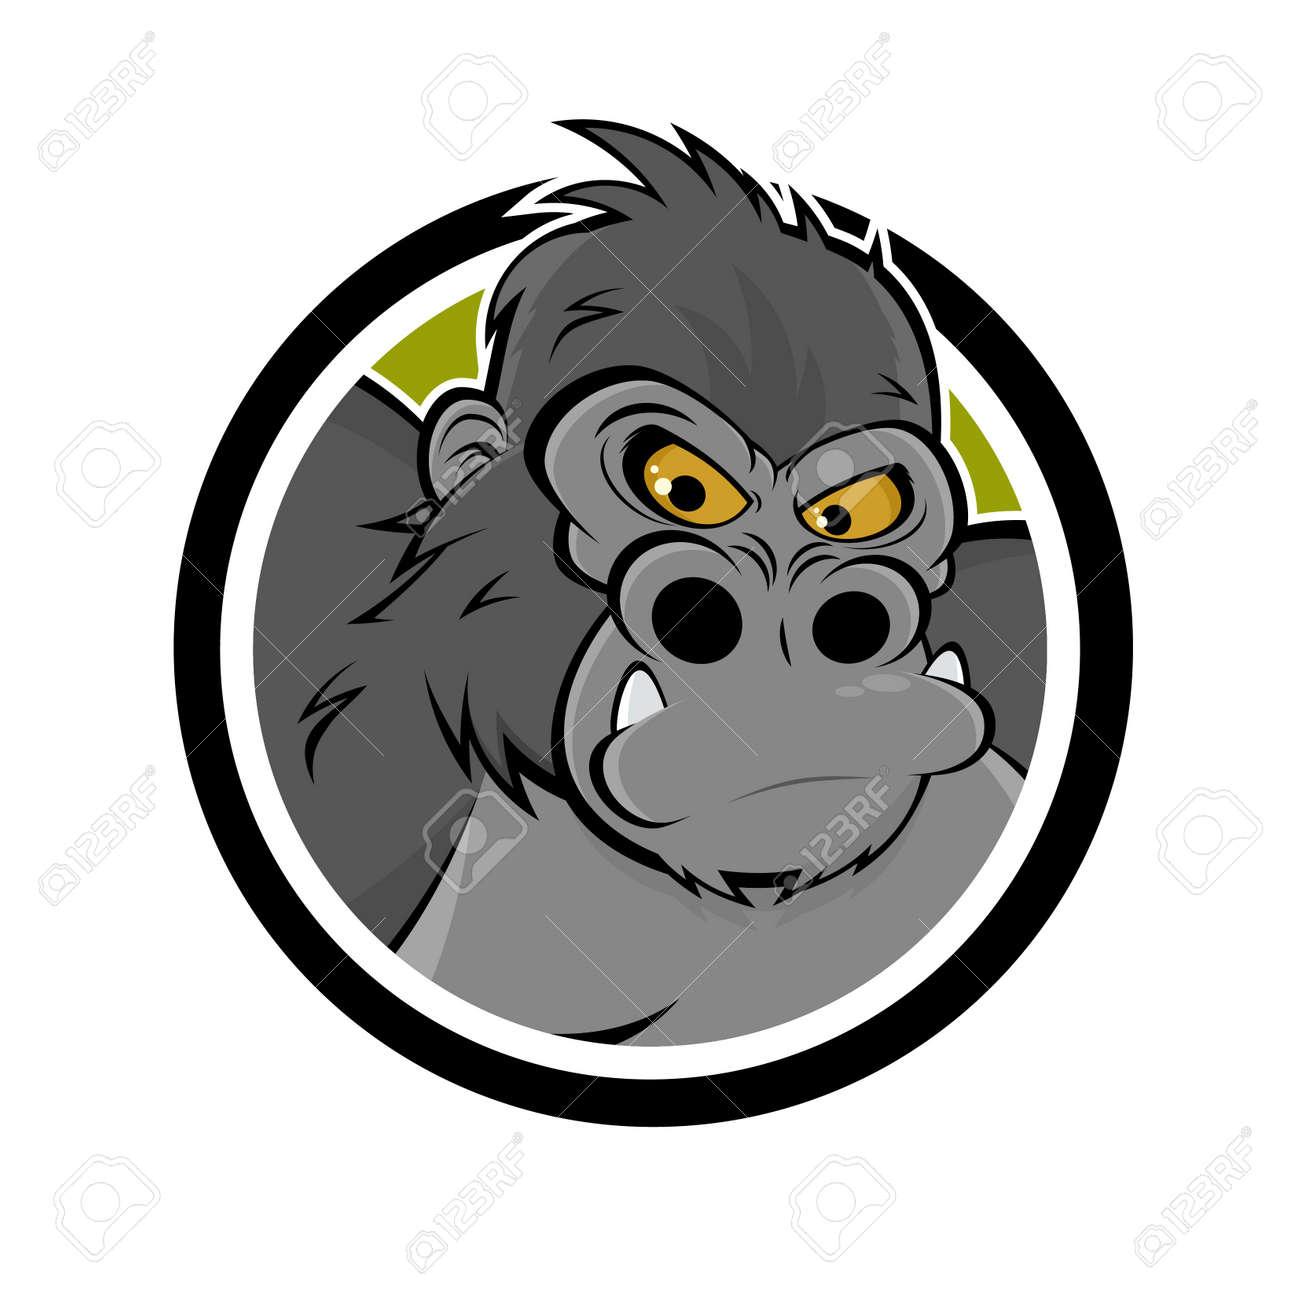 Gorilla Face Cartoon Big Gorilla Angry Cartoon